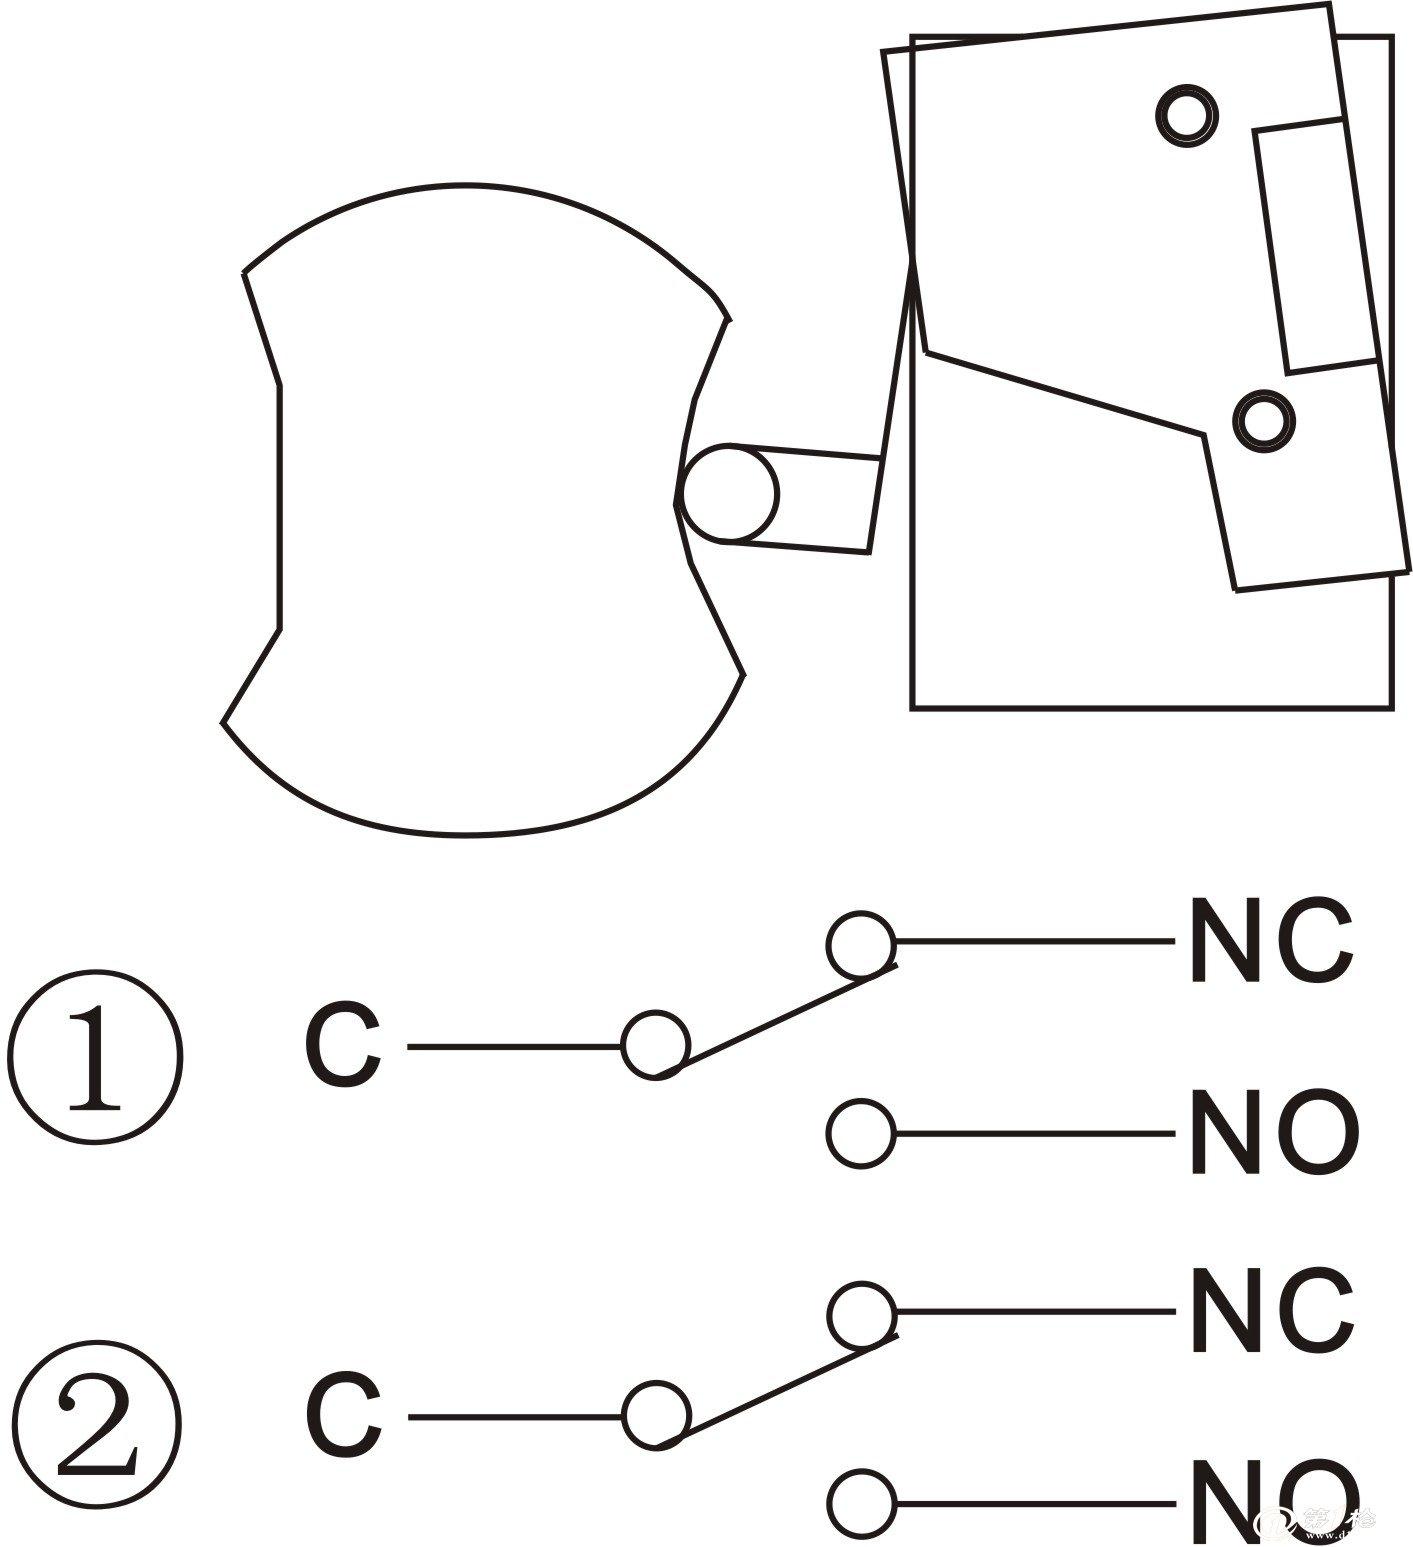 5、工作原理 5.1 请参阅图1-1 5.2 如图1-1 所示,防偏开关安装在输送机架上,如果皮带扭曲或跑偏,挤压旋转臂,使之离开正常的竖直位置或设定的复位位置,旋转臂相对于复位位置旋转10,开关输出报警信号;旋转20,开关输出停机信号。 6、检查和安装 6.1 检查 打开包装之前,应检查外包装是否有挤压、破损、淋雨。打开包装之后,应根据装箱单检查产品是否完整、无损。 6.